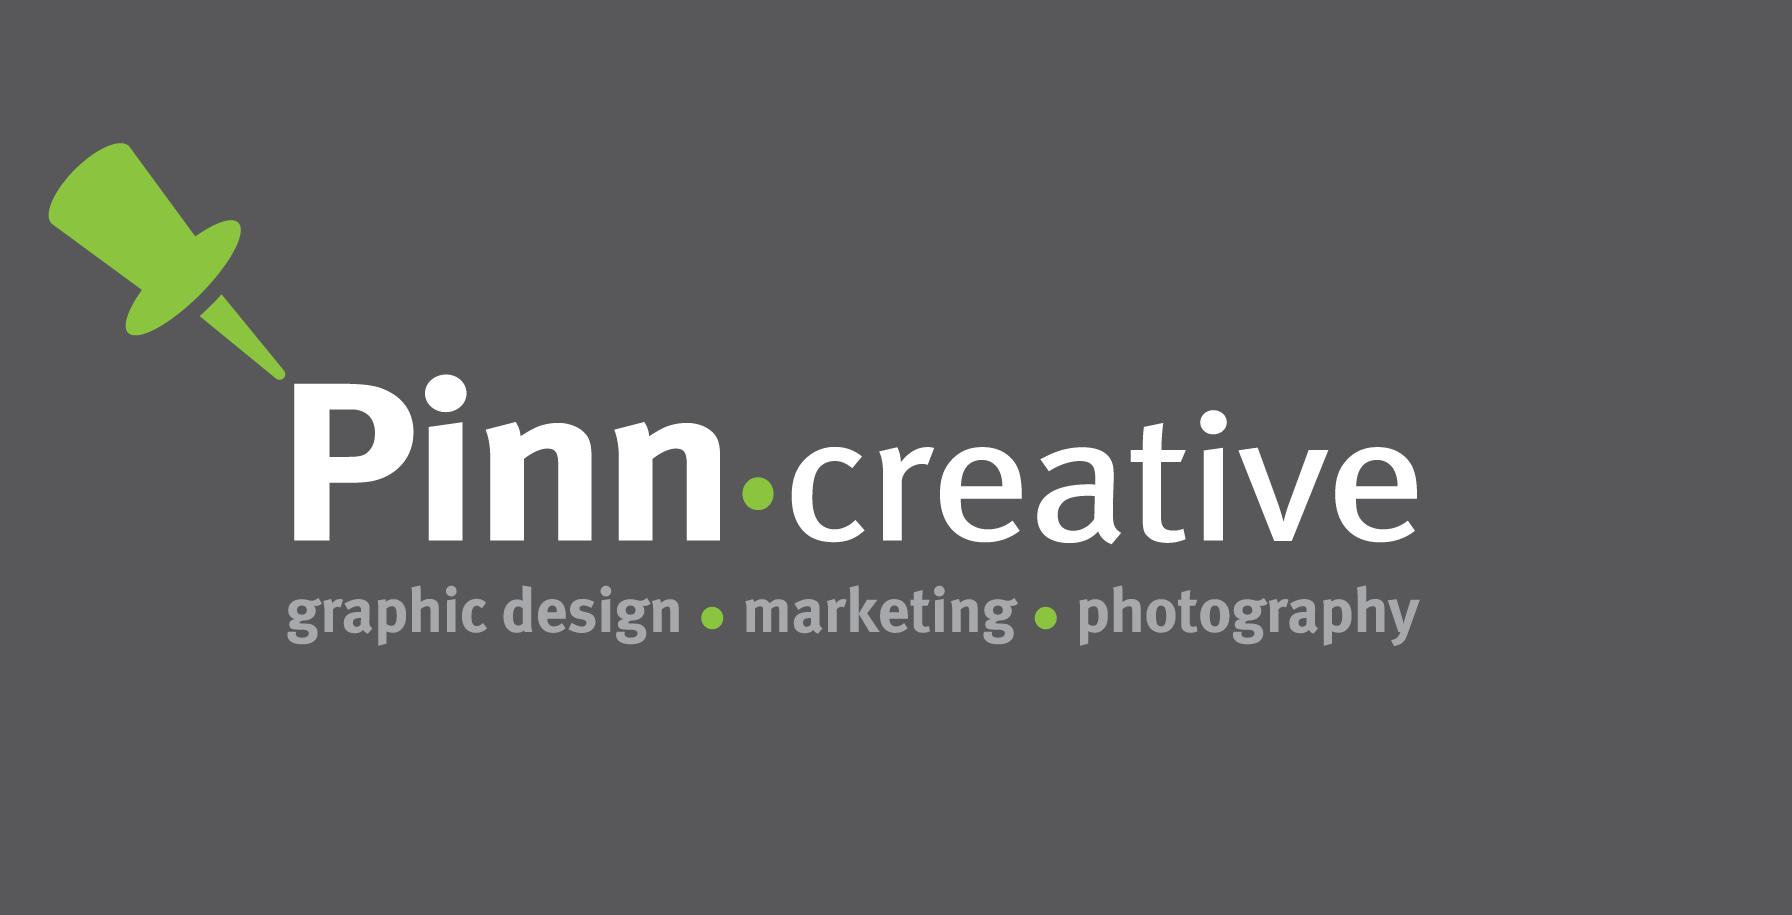 Pinn Creative